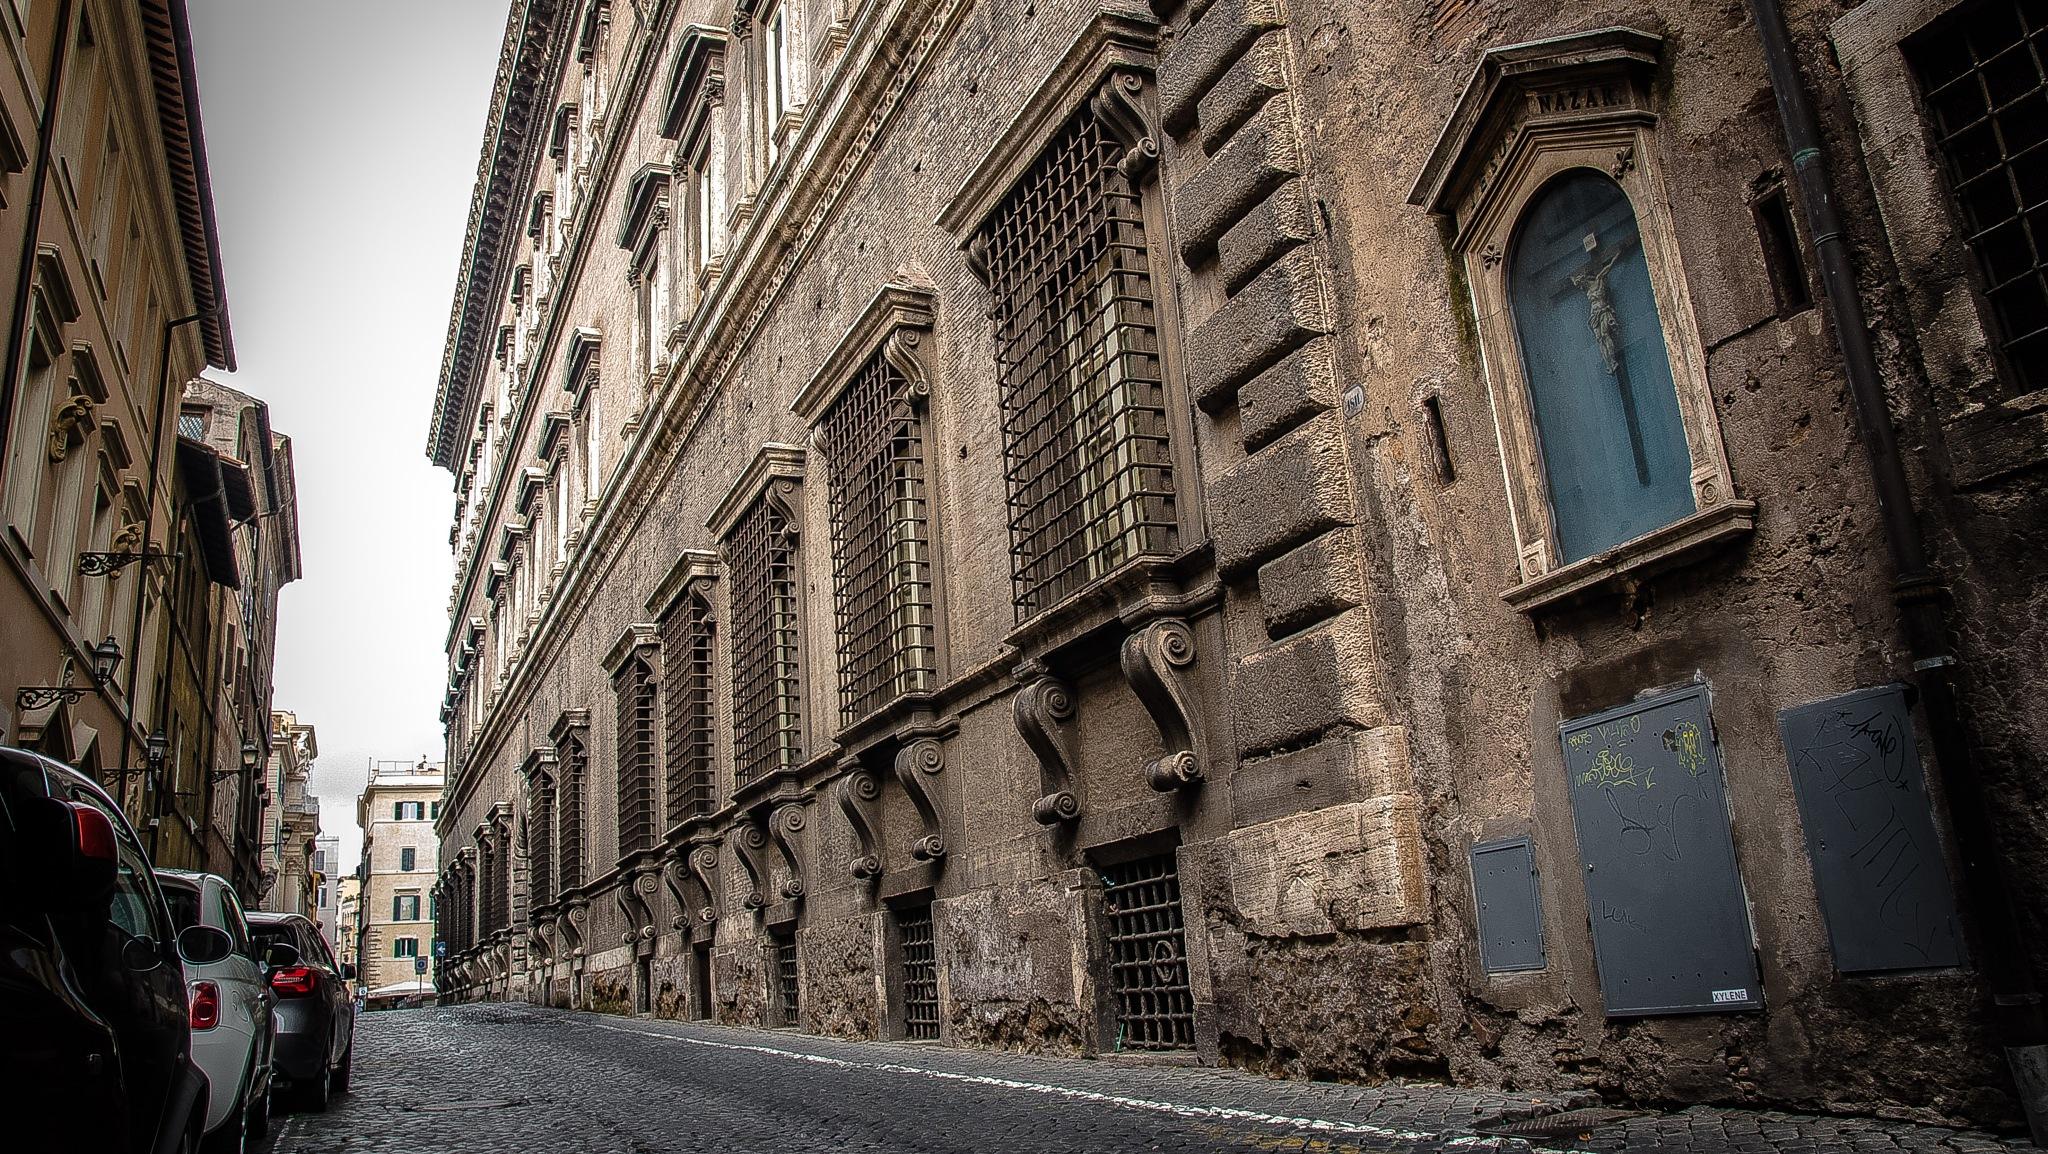 Perspectiva lateral del Palazzo Farnese  by oscarruben_suarez